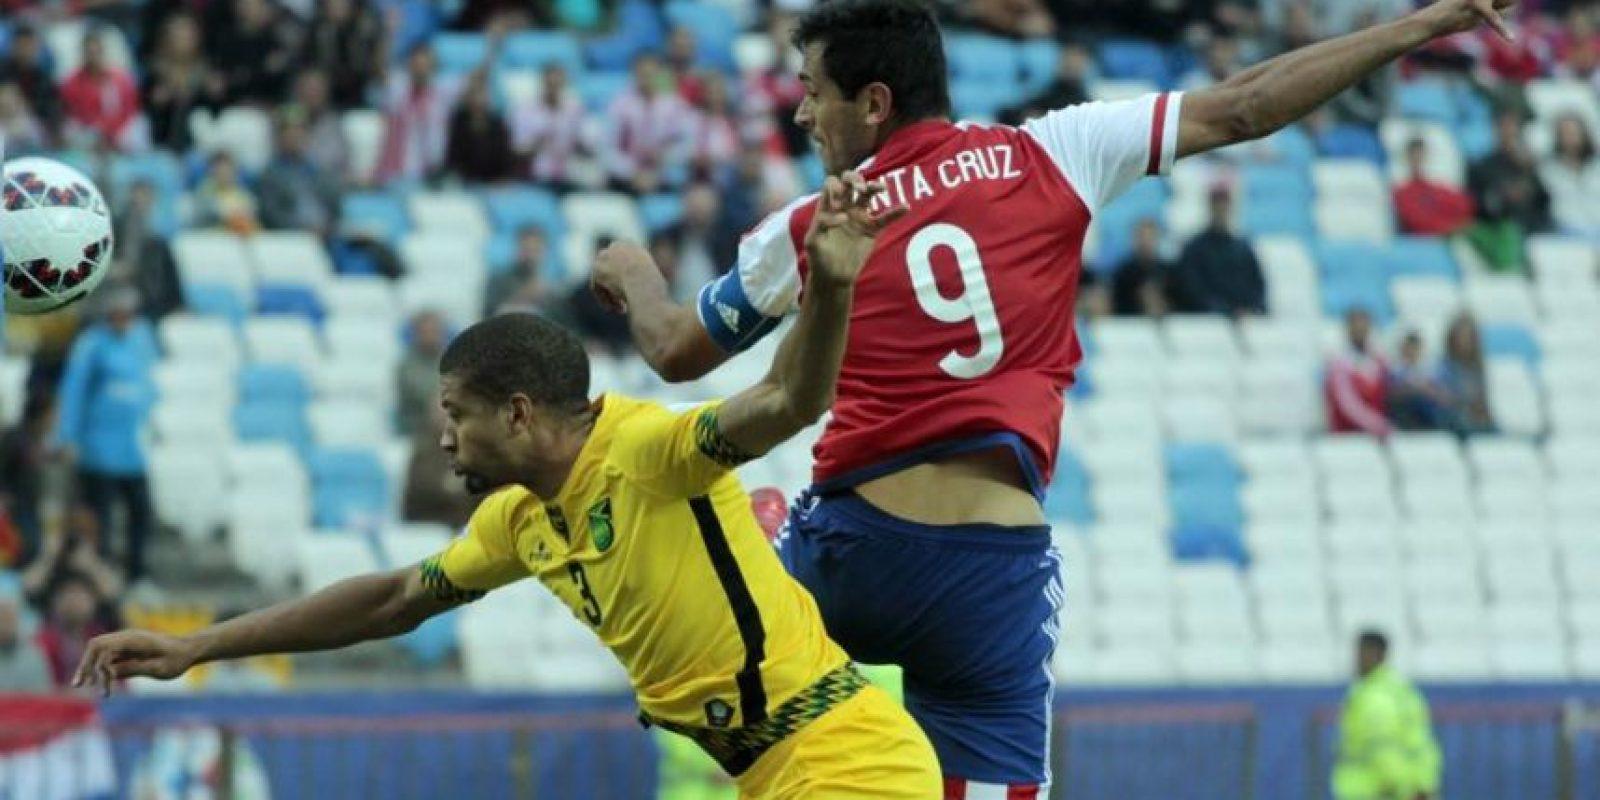 Ahora deberán superar a Brasil si desean meterse a semifinales del torneo sudamericano. Foto:Vía facebook.com/AlbirrojaPrensa